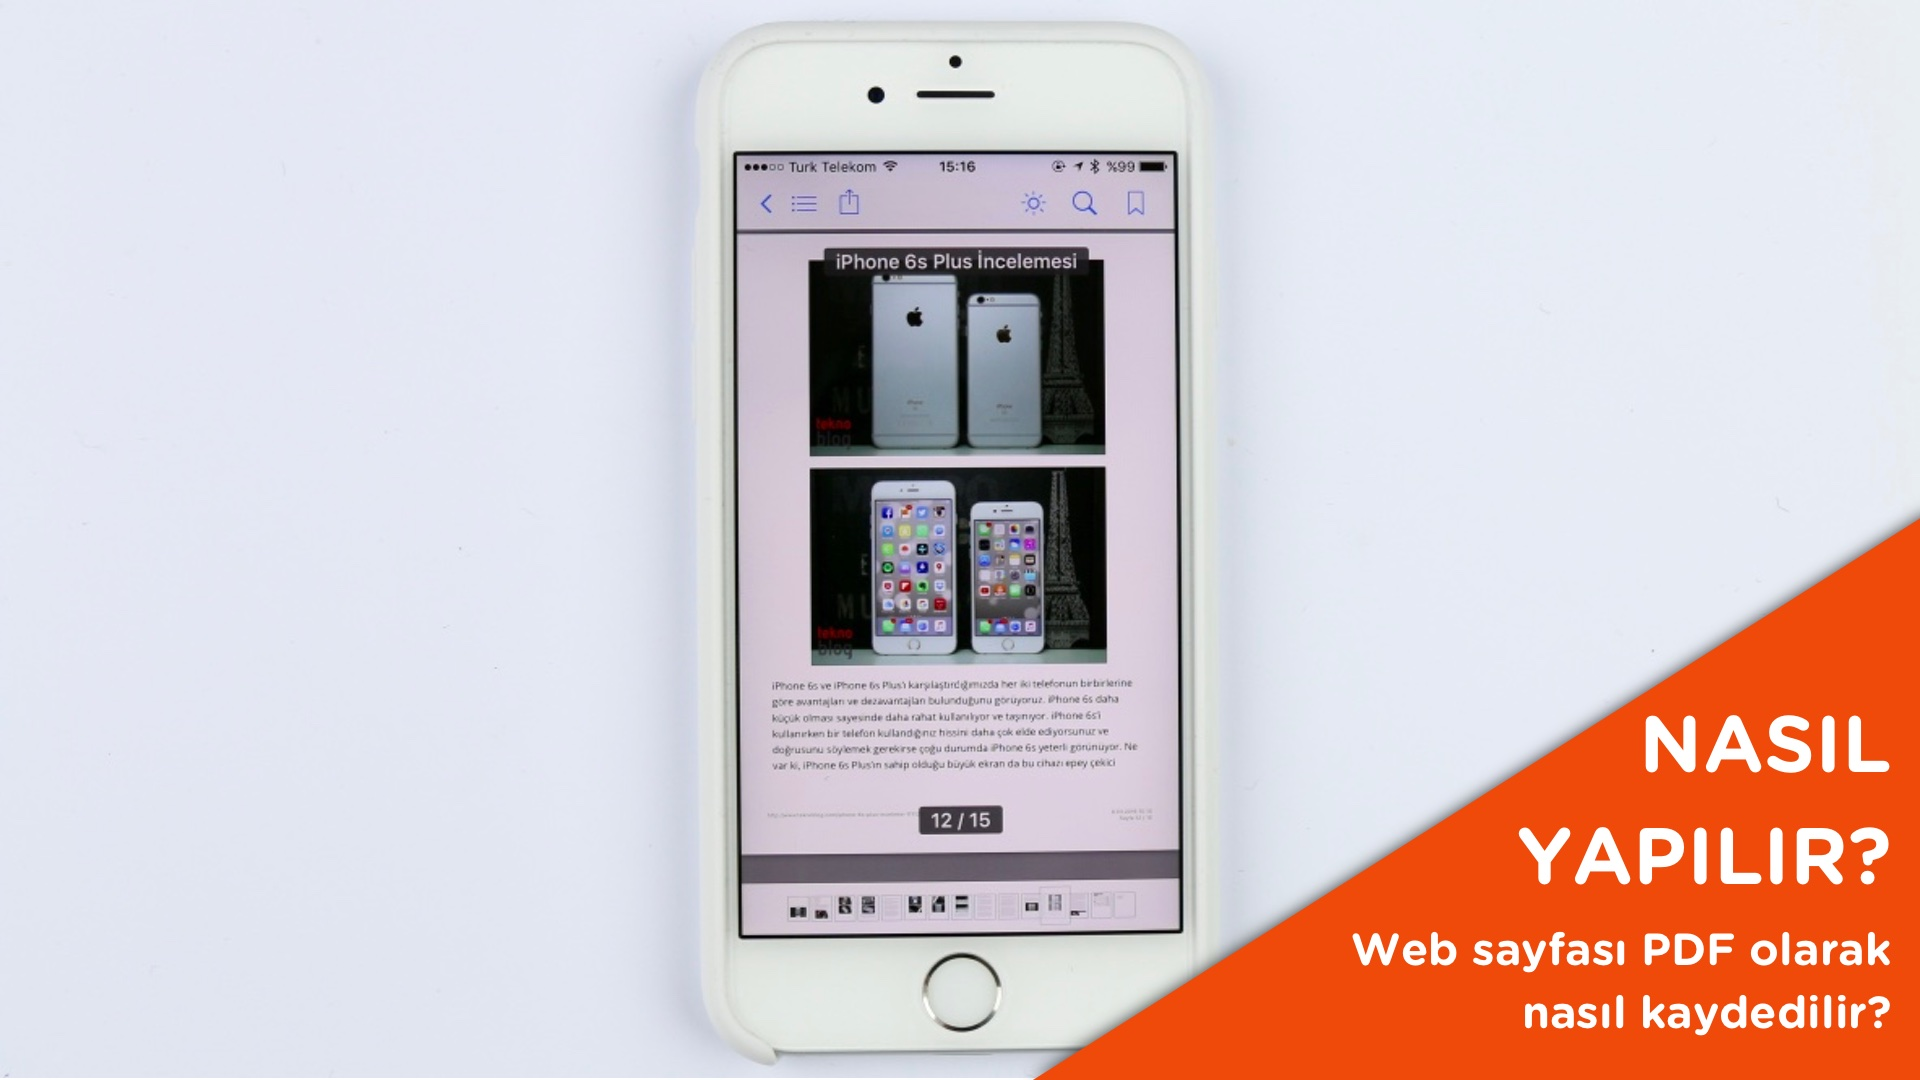 web sayfası pdf olarak kaydetme